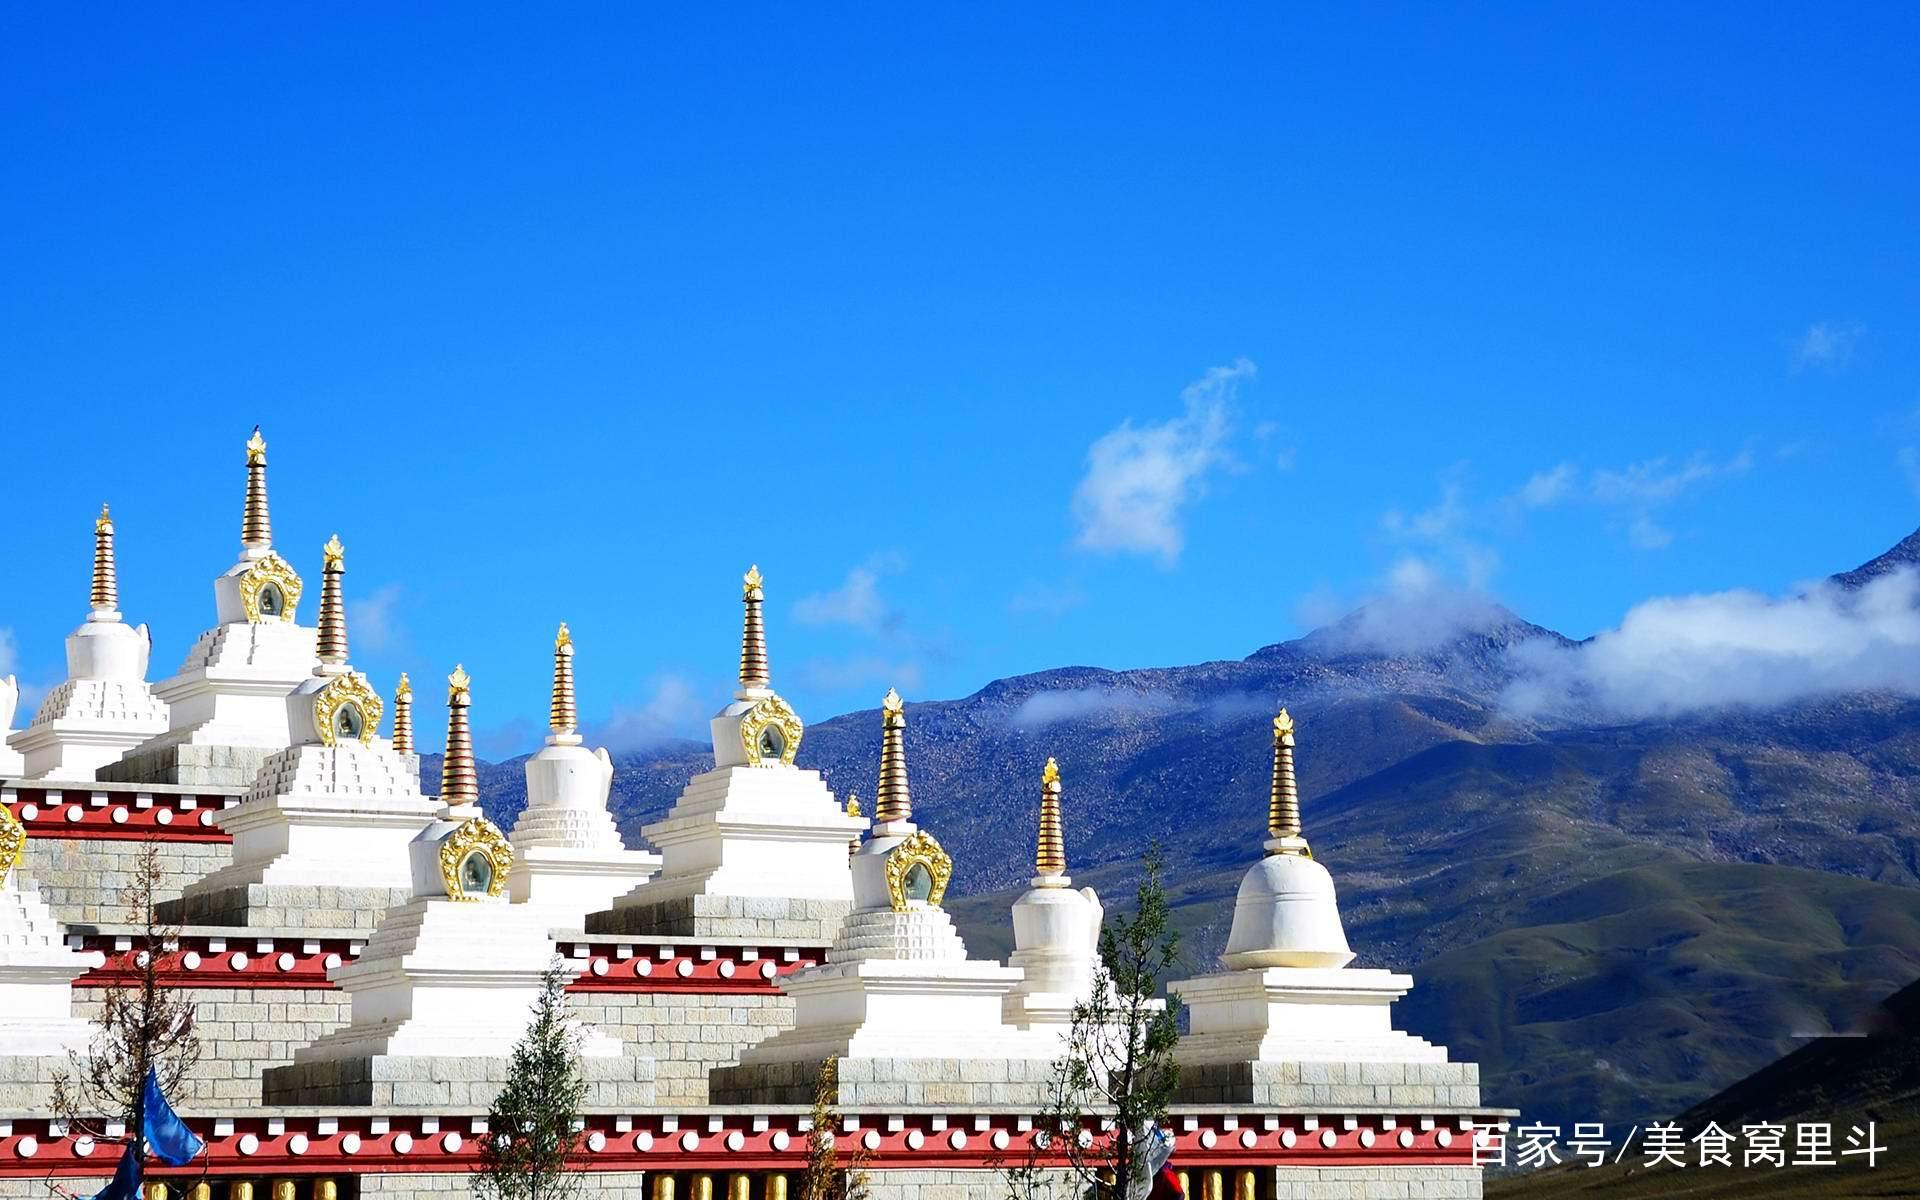 香格里拉,一個風景優美的風景區,讓人心曠神怡